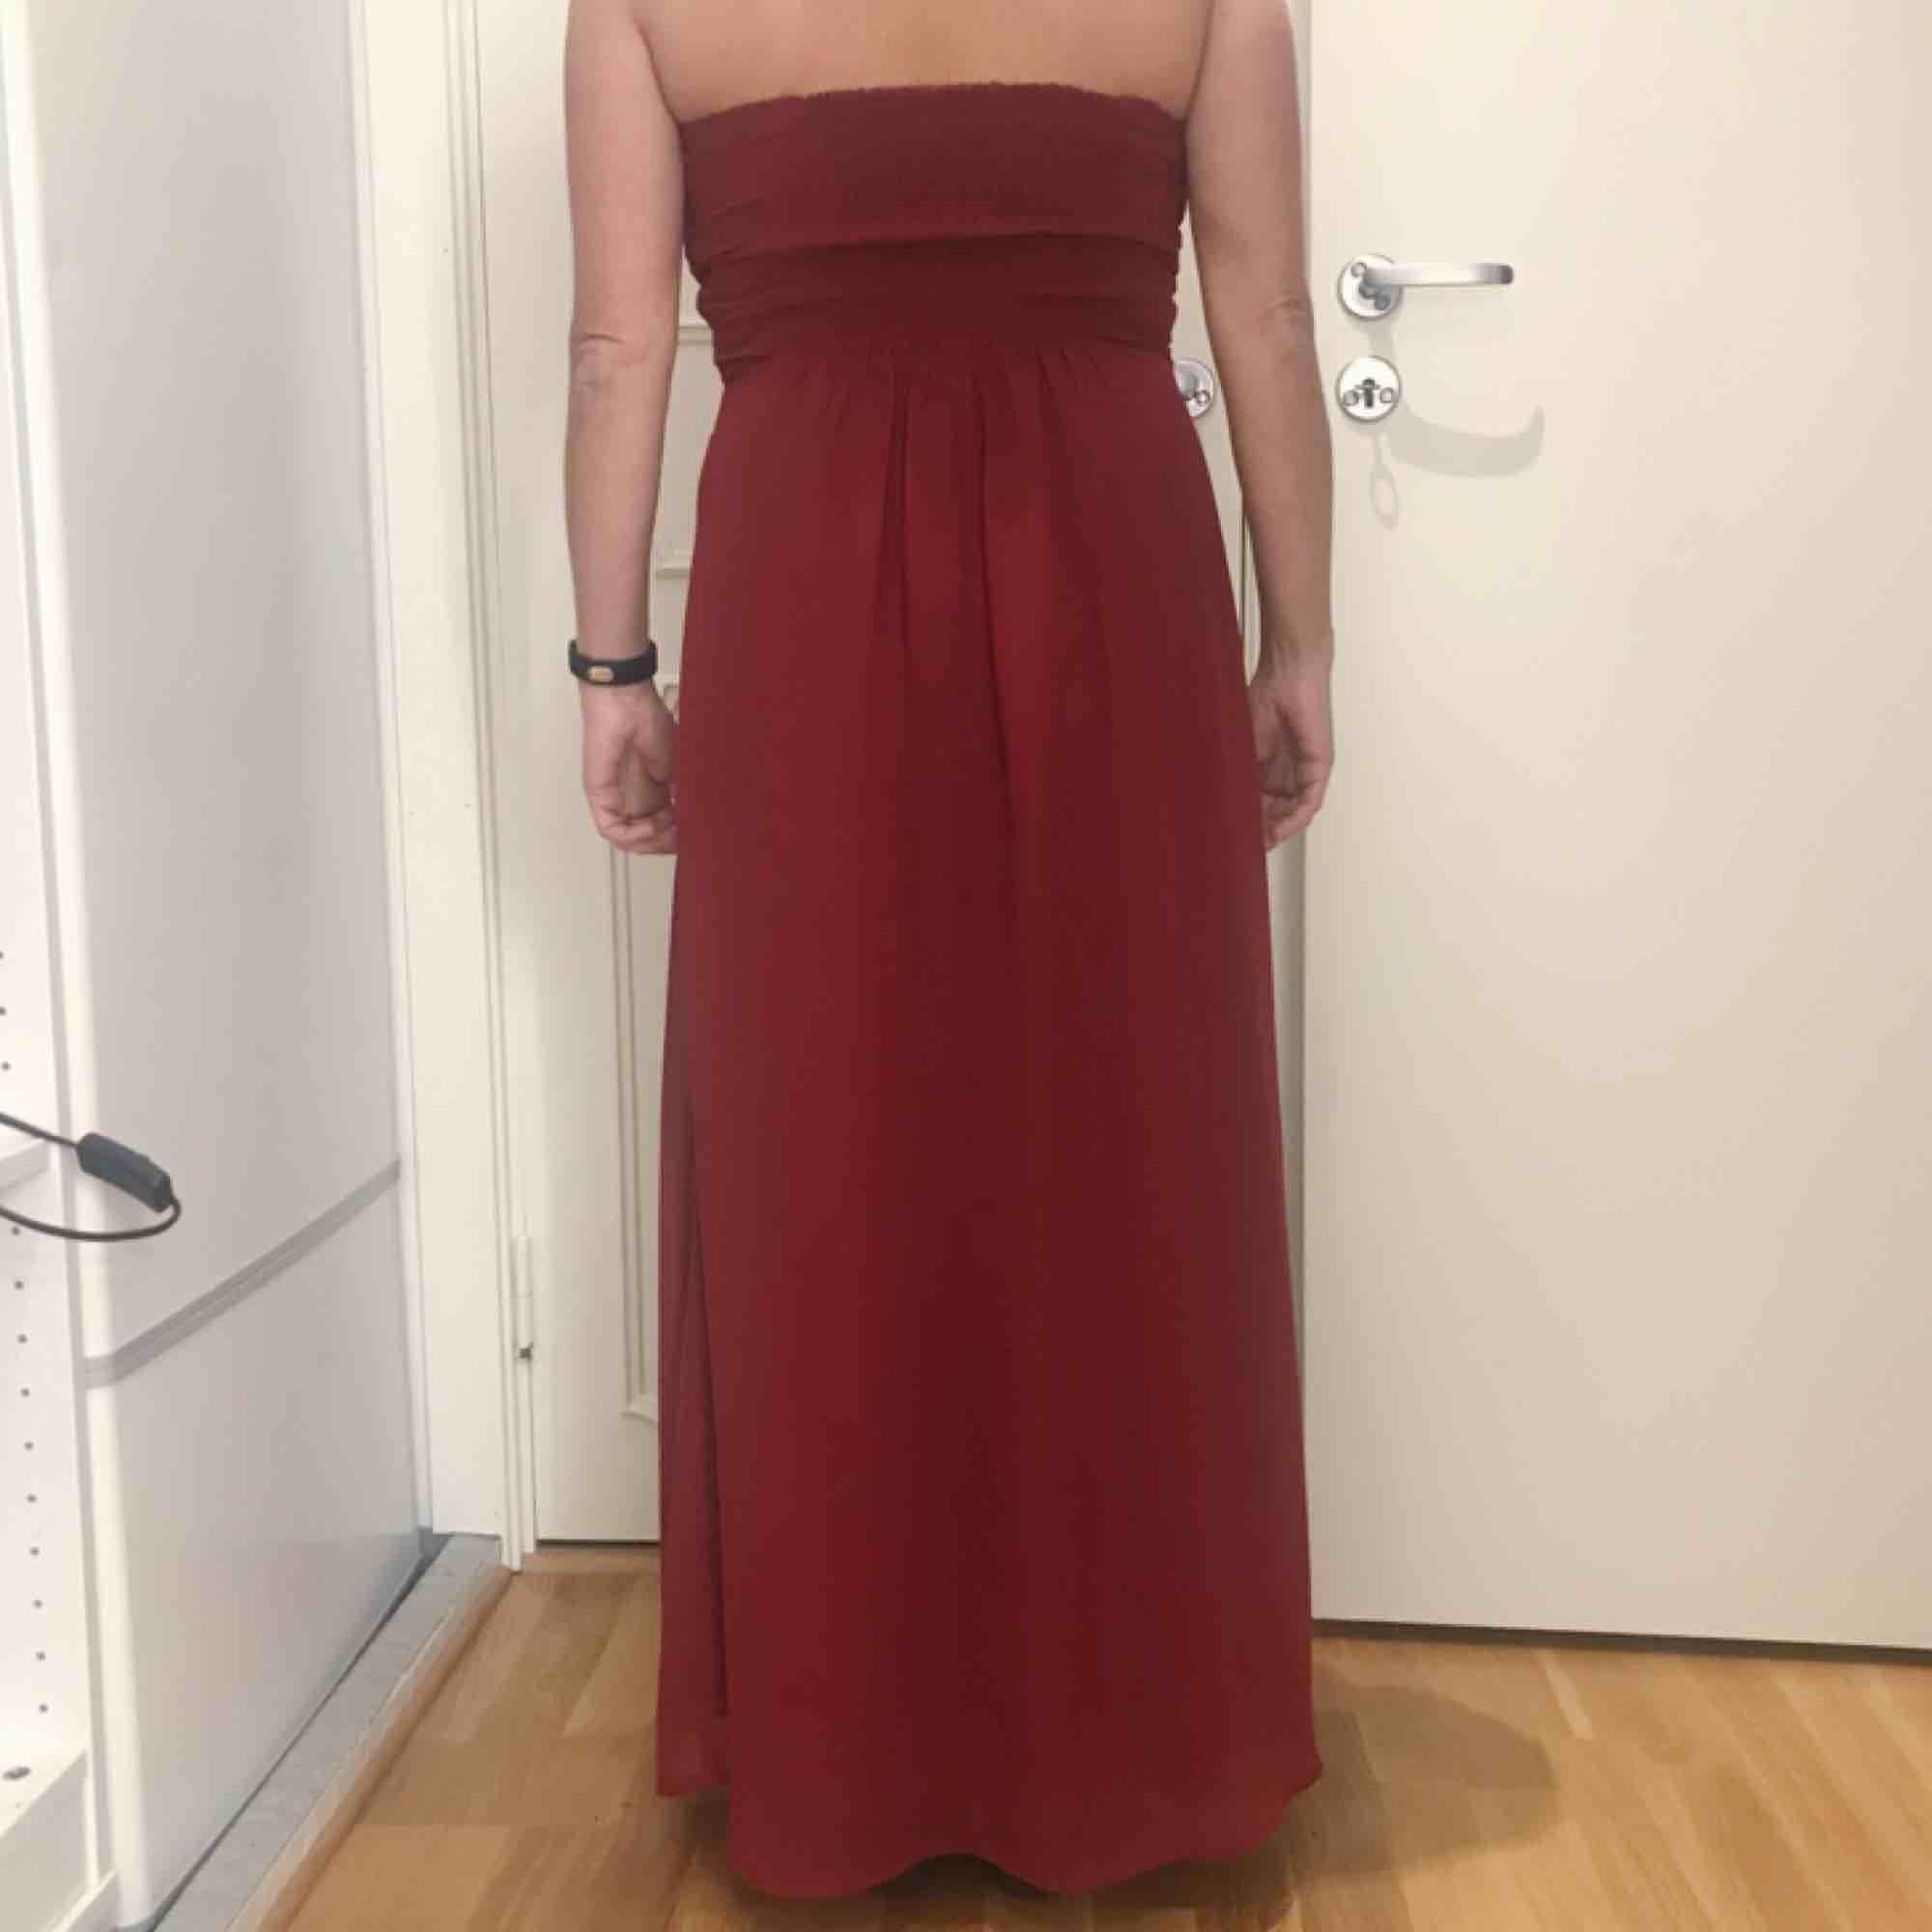 Röd långklänning från Bodyflirt Bonprix i fint skick! Funkar att ha både med och utan axelband. Ett band har dock gått upp på ett ställe men det är enkelt att laga om man vill 🌟 frakt på 79 kr tillkommer. Klänningar.